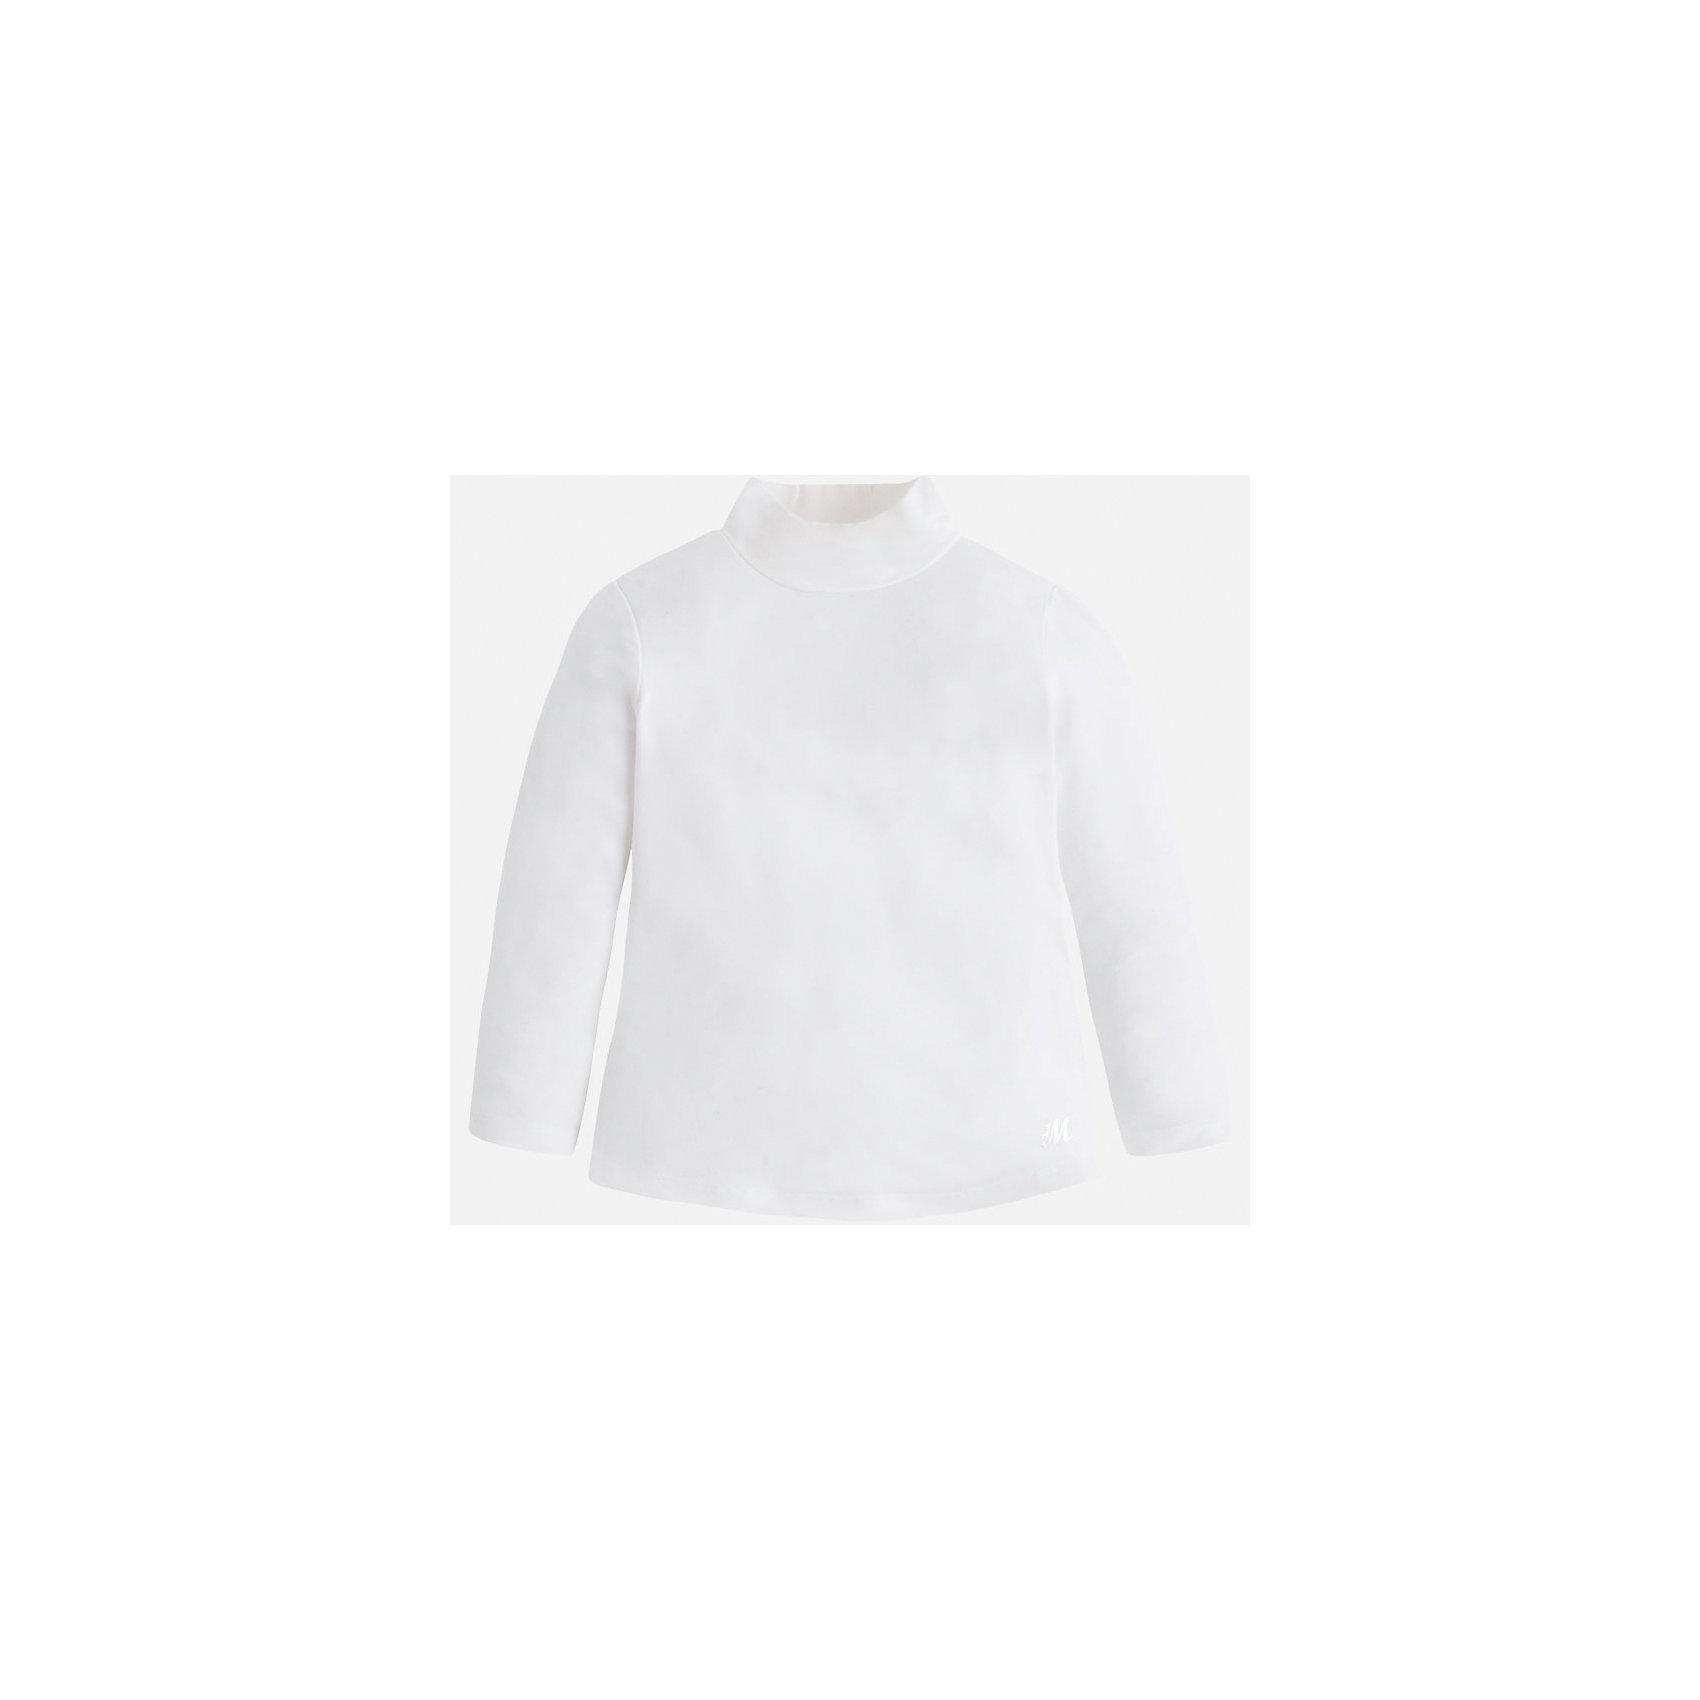 Футболка для девочки MayoralФутболка для девочки от известного испанского бренда Mayoral (Майорал). Эта стильная и удобная футболка с длинным рукавом и горловиной сочетает в себе стиль и простоту. Приятный бело-кремовый цвет и небольшая нашивка с логотипом бренда придут по вкусу вашей моднице. У футболки свободный крой, слегка расширяющийся к низу. Отличное пополнение для сезона осень-зима. К этой футболке подойдут как классические юбки и брюки, так и джинсы или штаны спортивного кроя. <br><br>Дополнительная информация:<br><br>- Силуэт: расширяющийся к низу<br>- Рукав: укороченный<br>- Длина: средняя<br><br>Состав: 95% вискоза, 5% эластан<br><br>Футболку для девочки Mayoral (Майорал) можно купить в нашем интернет-магазине.<br><br>Подробнее:<br>• Для детей в возрасте: от 4 до 9 лет<br>• Номер товара: 4845804<br>Страна производитель: Индия<br><br>Ширина мм: 199<br>Глубина мм: 10<br>Высота мм: 161<br>Вес г: 151<br>Цвет: белый<br>Возраст от месяцев: 24<br>Возраст до месяцев: 36<br>Пол: Женский<br>Возраст: Детский<br>Размер: 98,134,104,116,128,110,92,122<br>SKU: 4845804